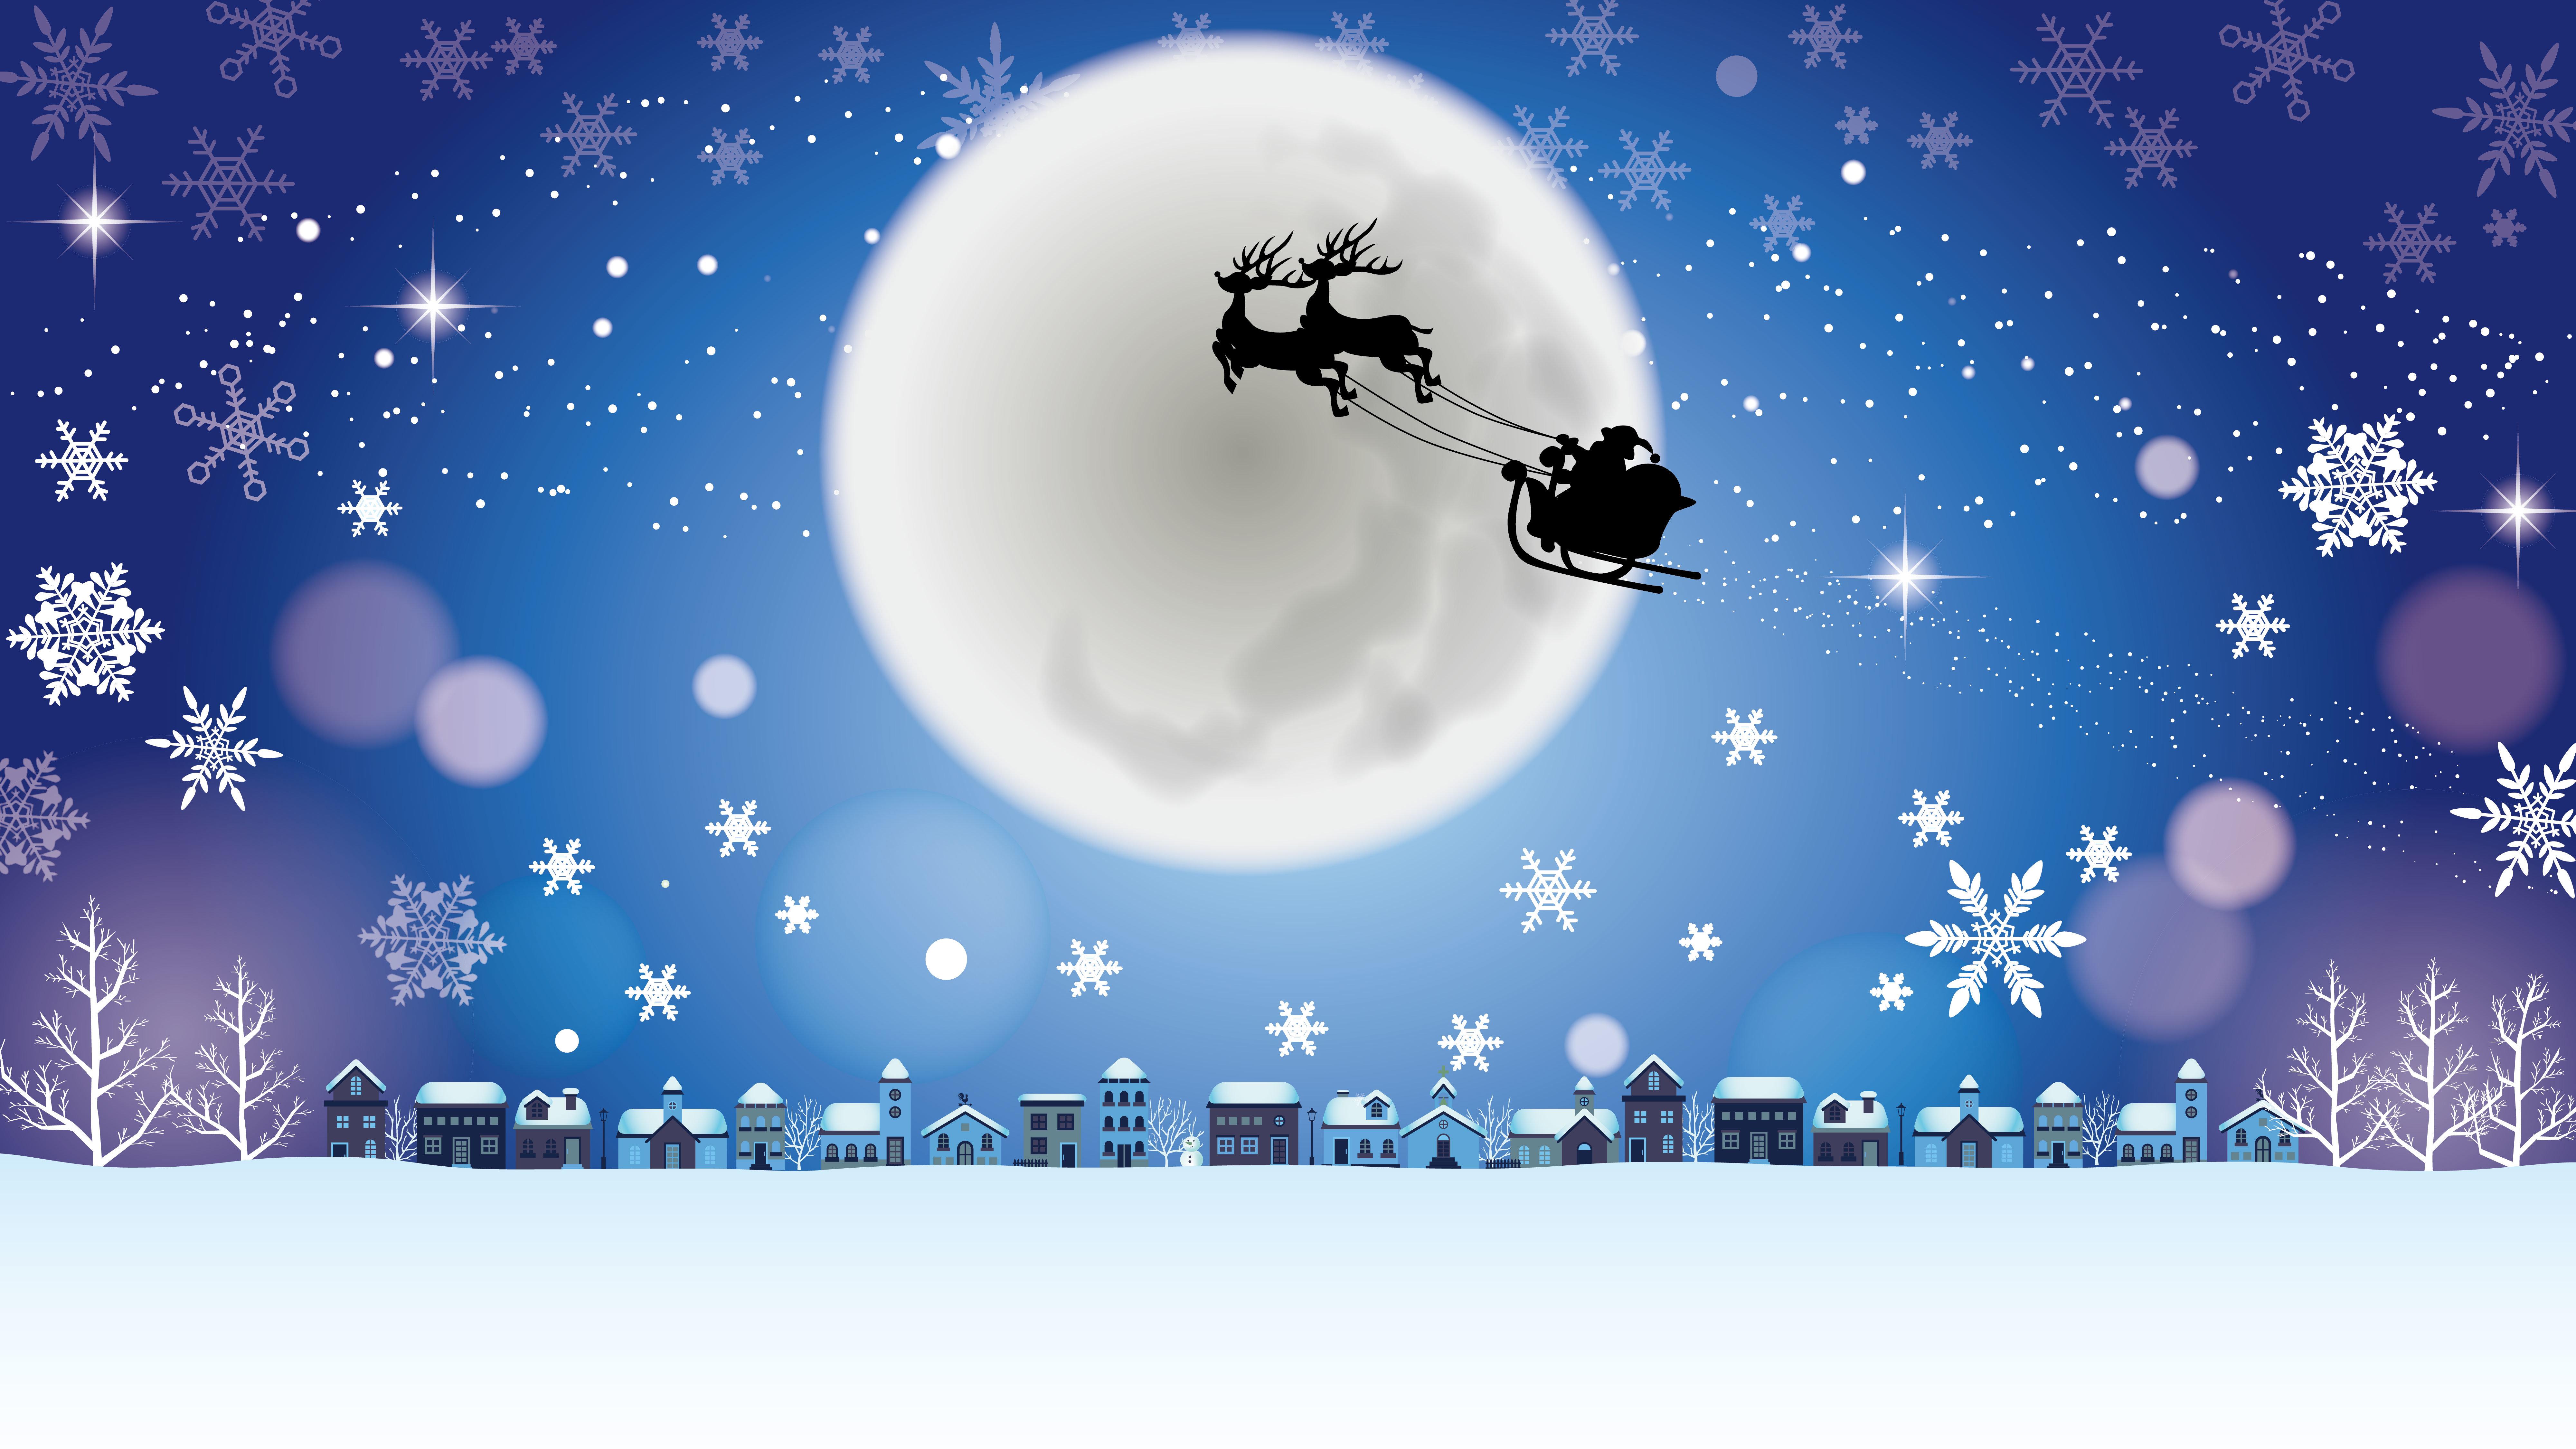 クリスマス背景_1214_アートボード 1.jpg